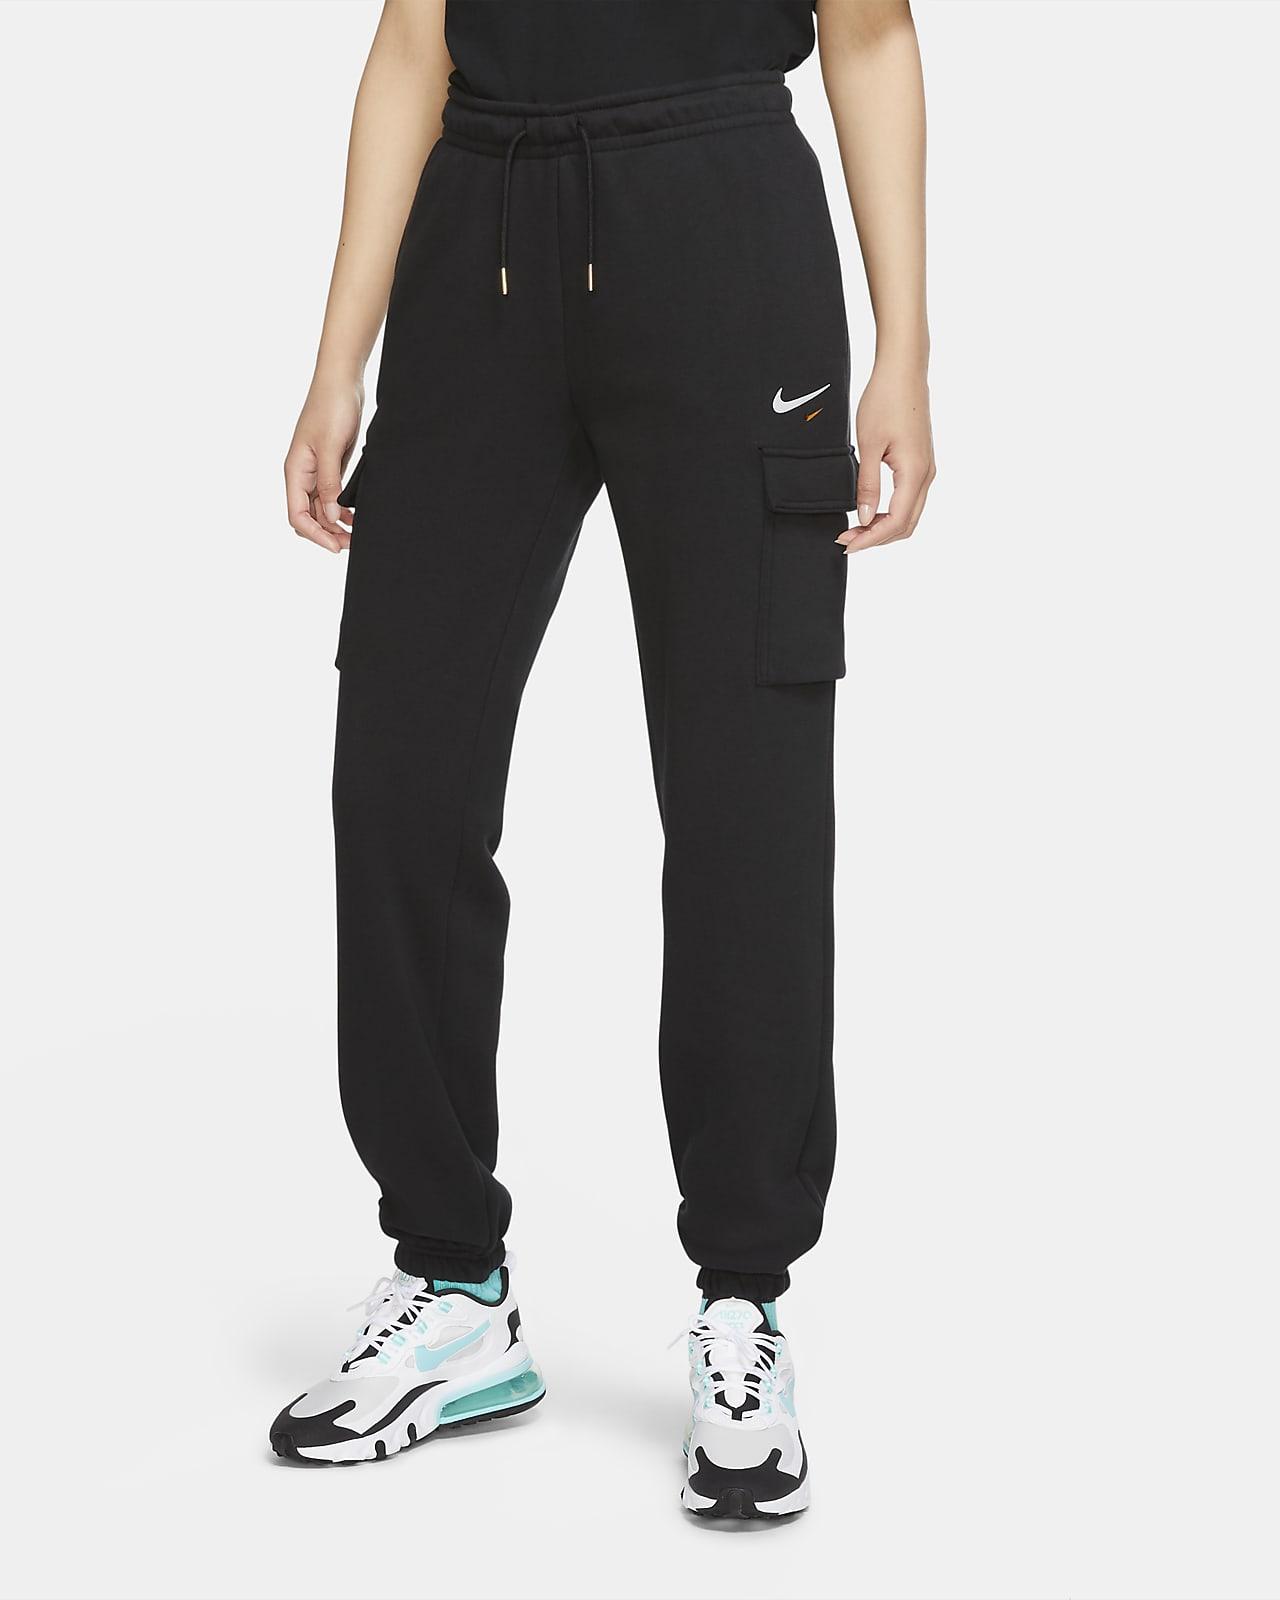 Deformar gastos generales Maquinilla de afeitar  Nike Sportswear Women's Loose-Fit Fleece Cargo Trousers. Nike GB